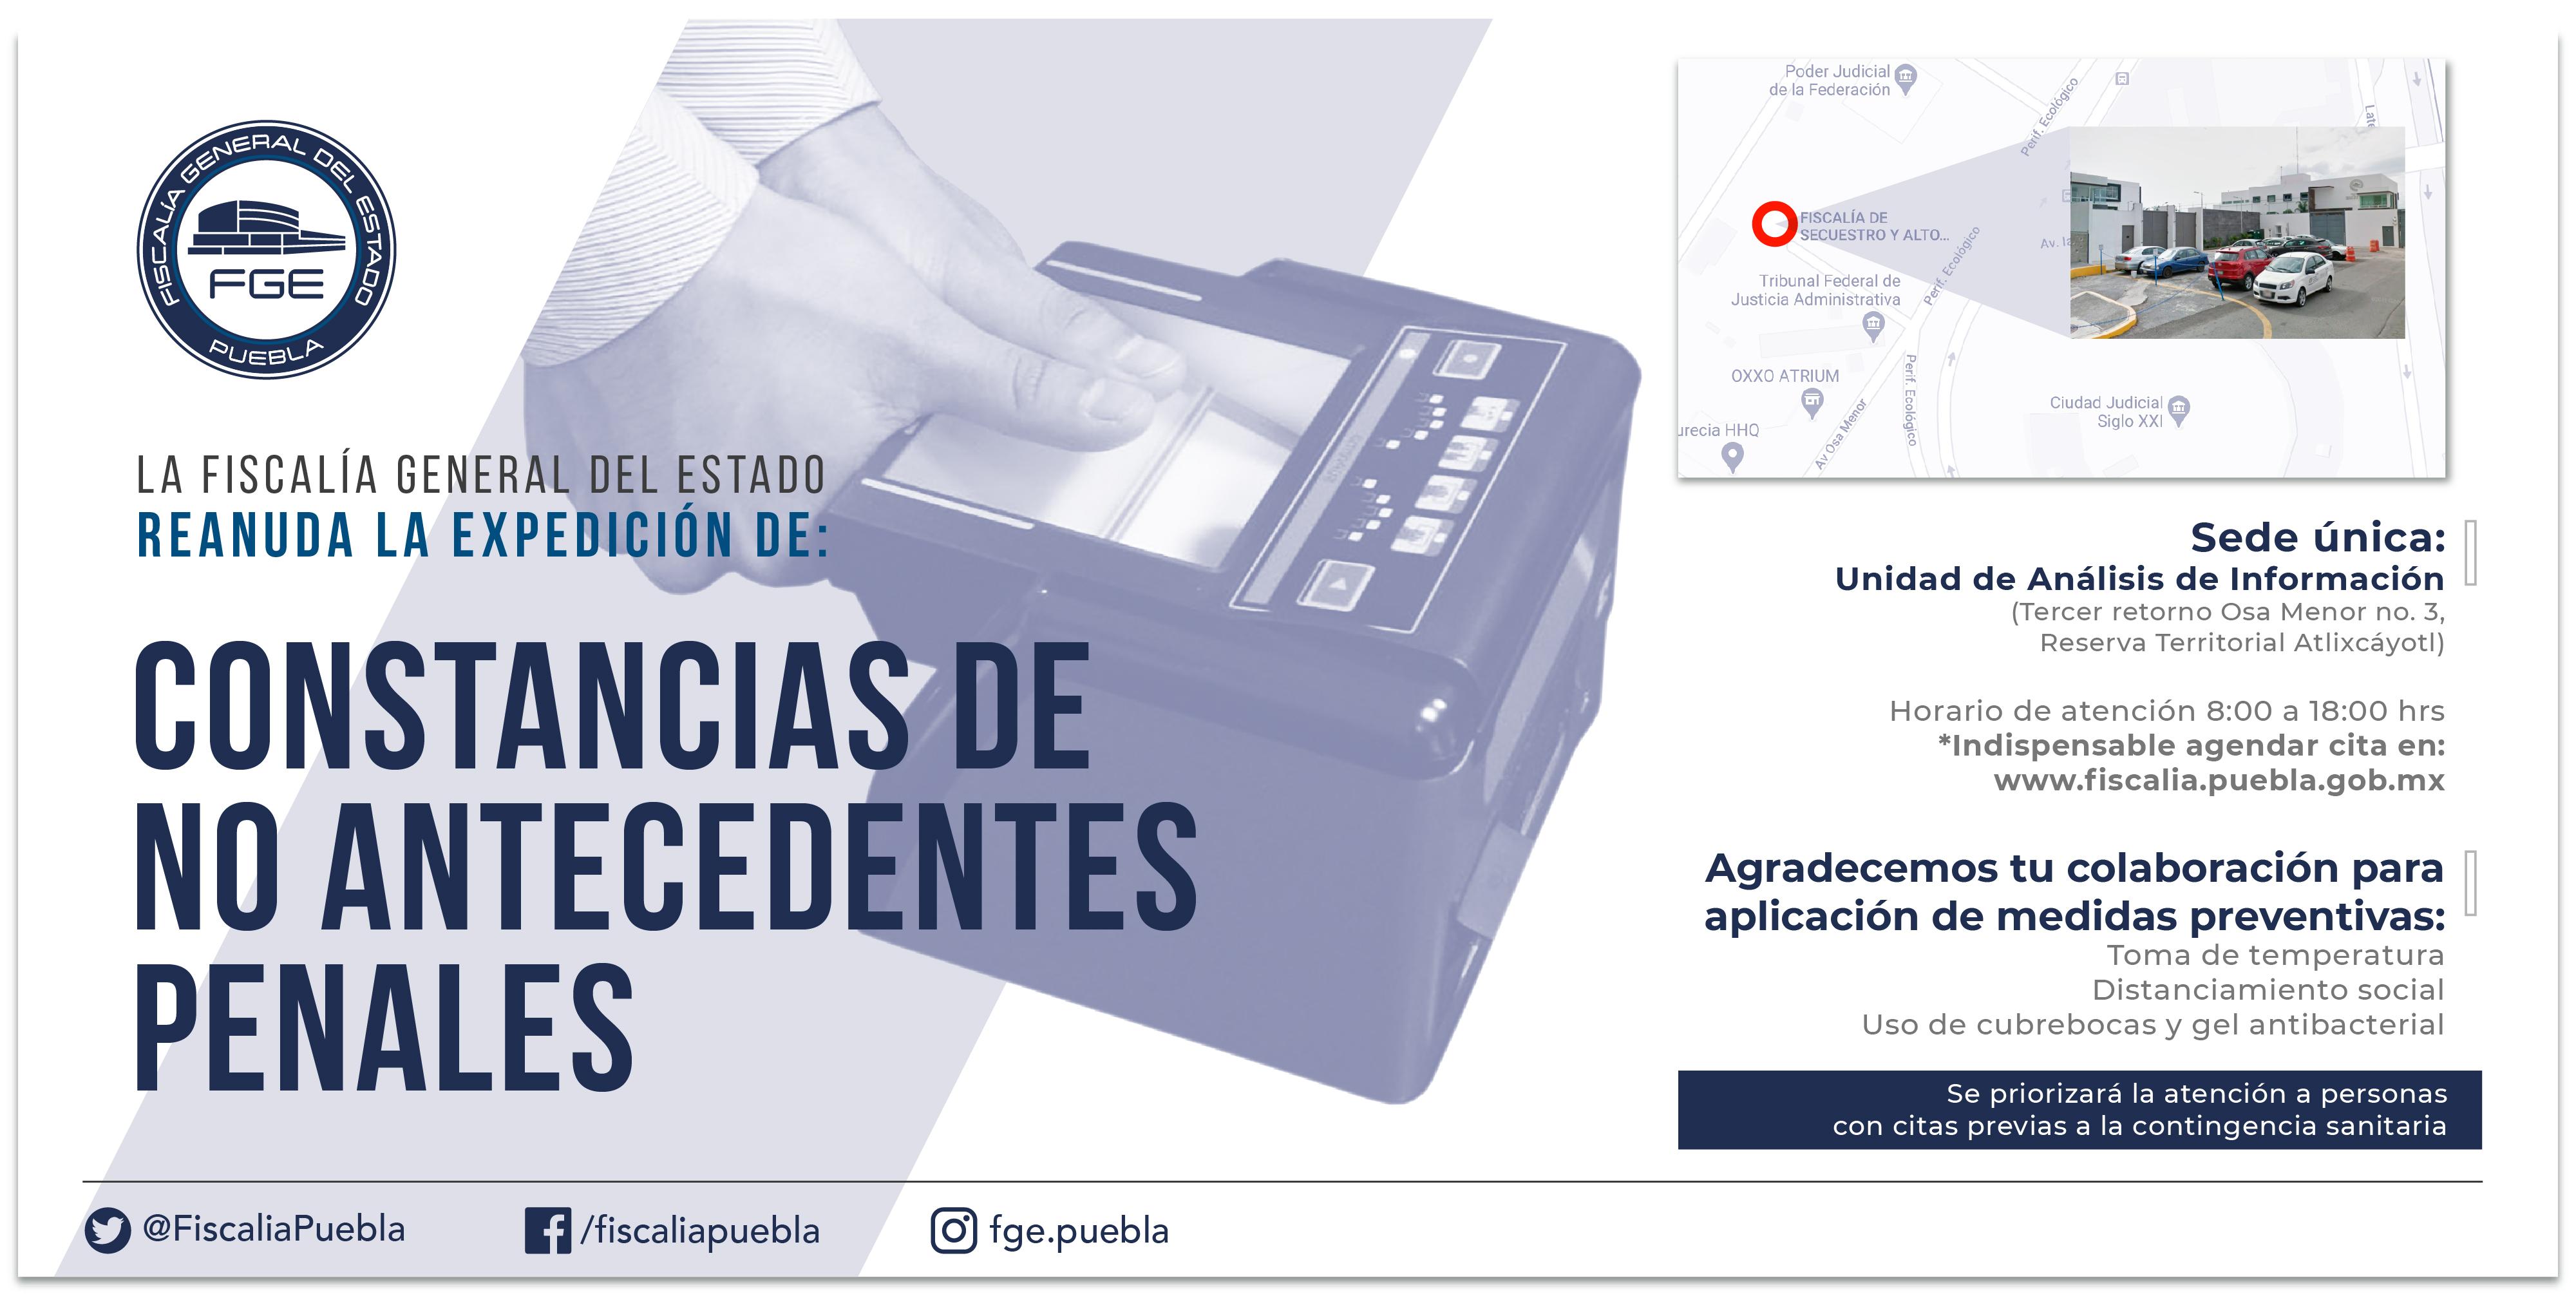 La Fiscalía de Puebla reanuda la expedición de Constancias de no antecedentes penales